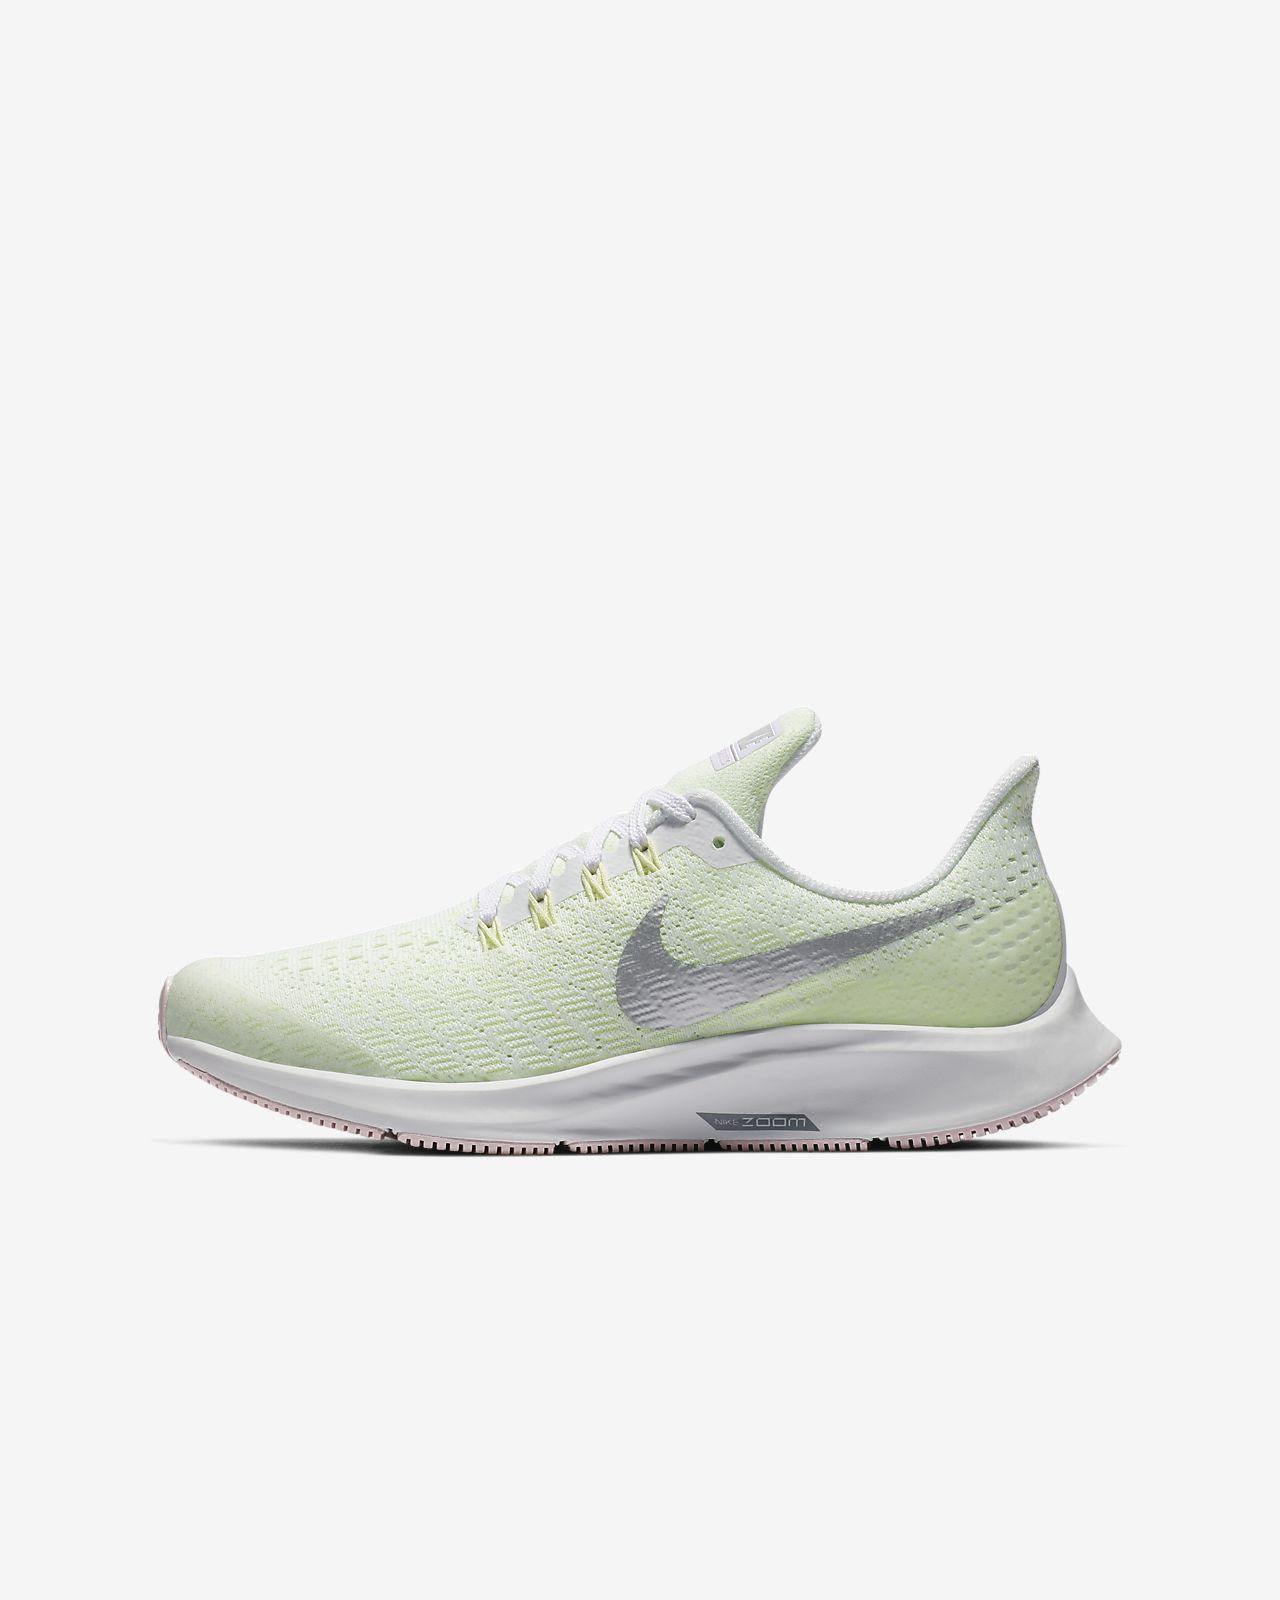 Nike Air Zoom Pegasus 35 Hardloopschoen voor kleuters/kids